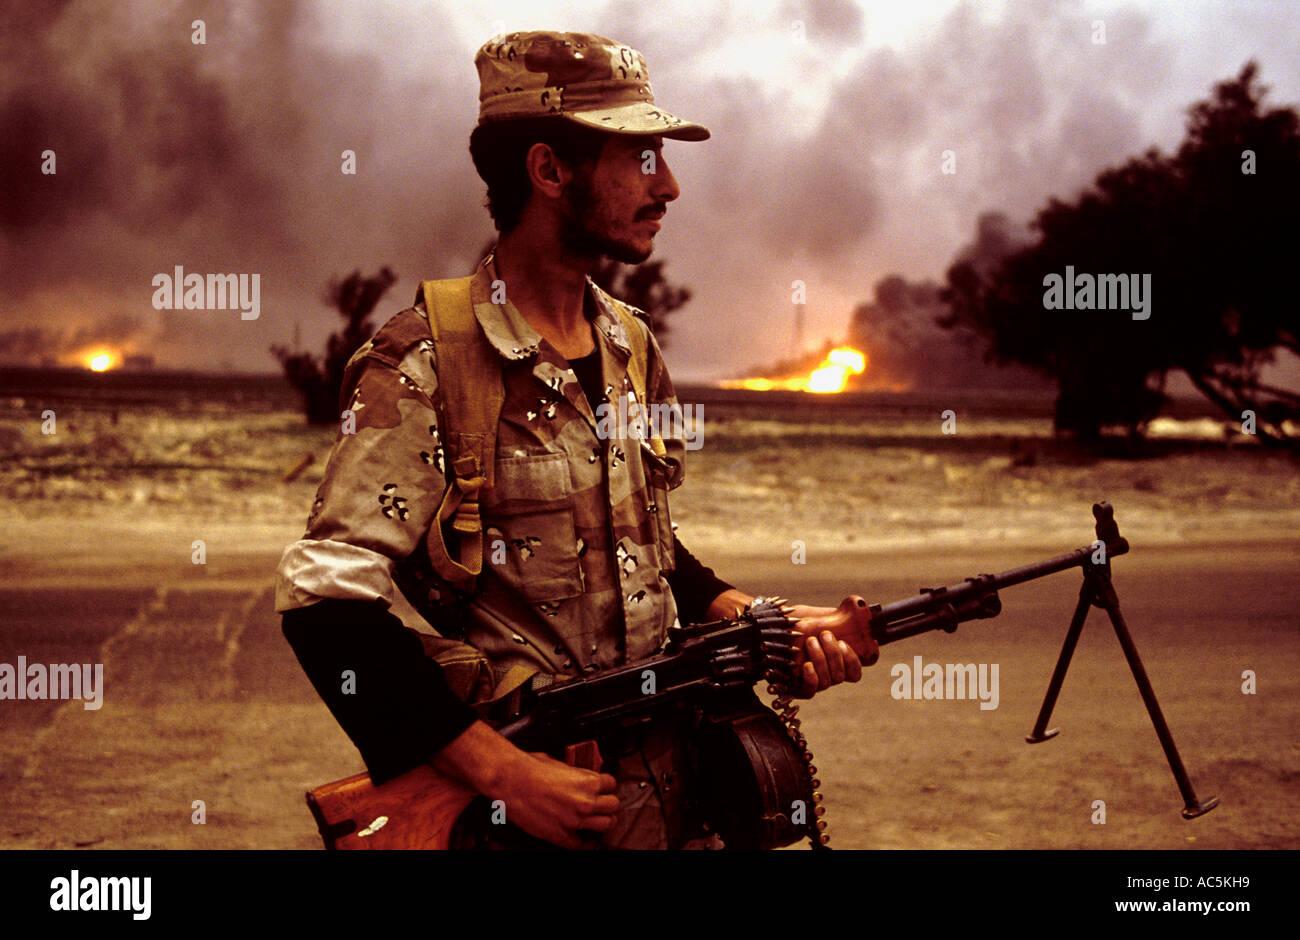 Incendies de puits de pétrole près de la frontière irakienne dans la guerre du koweït 1991 Photo Stock